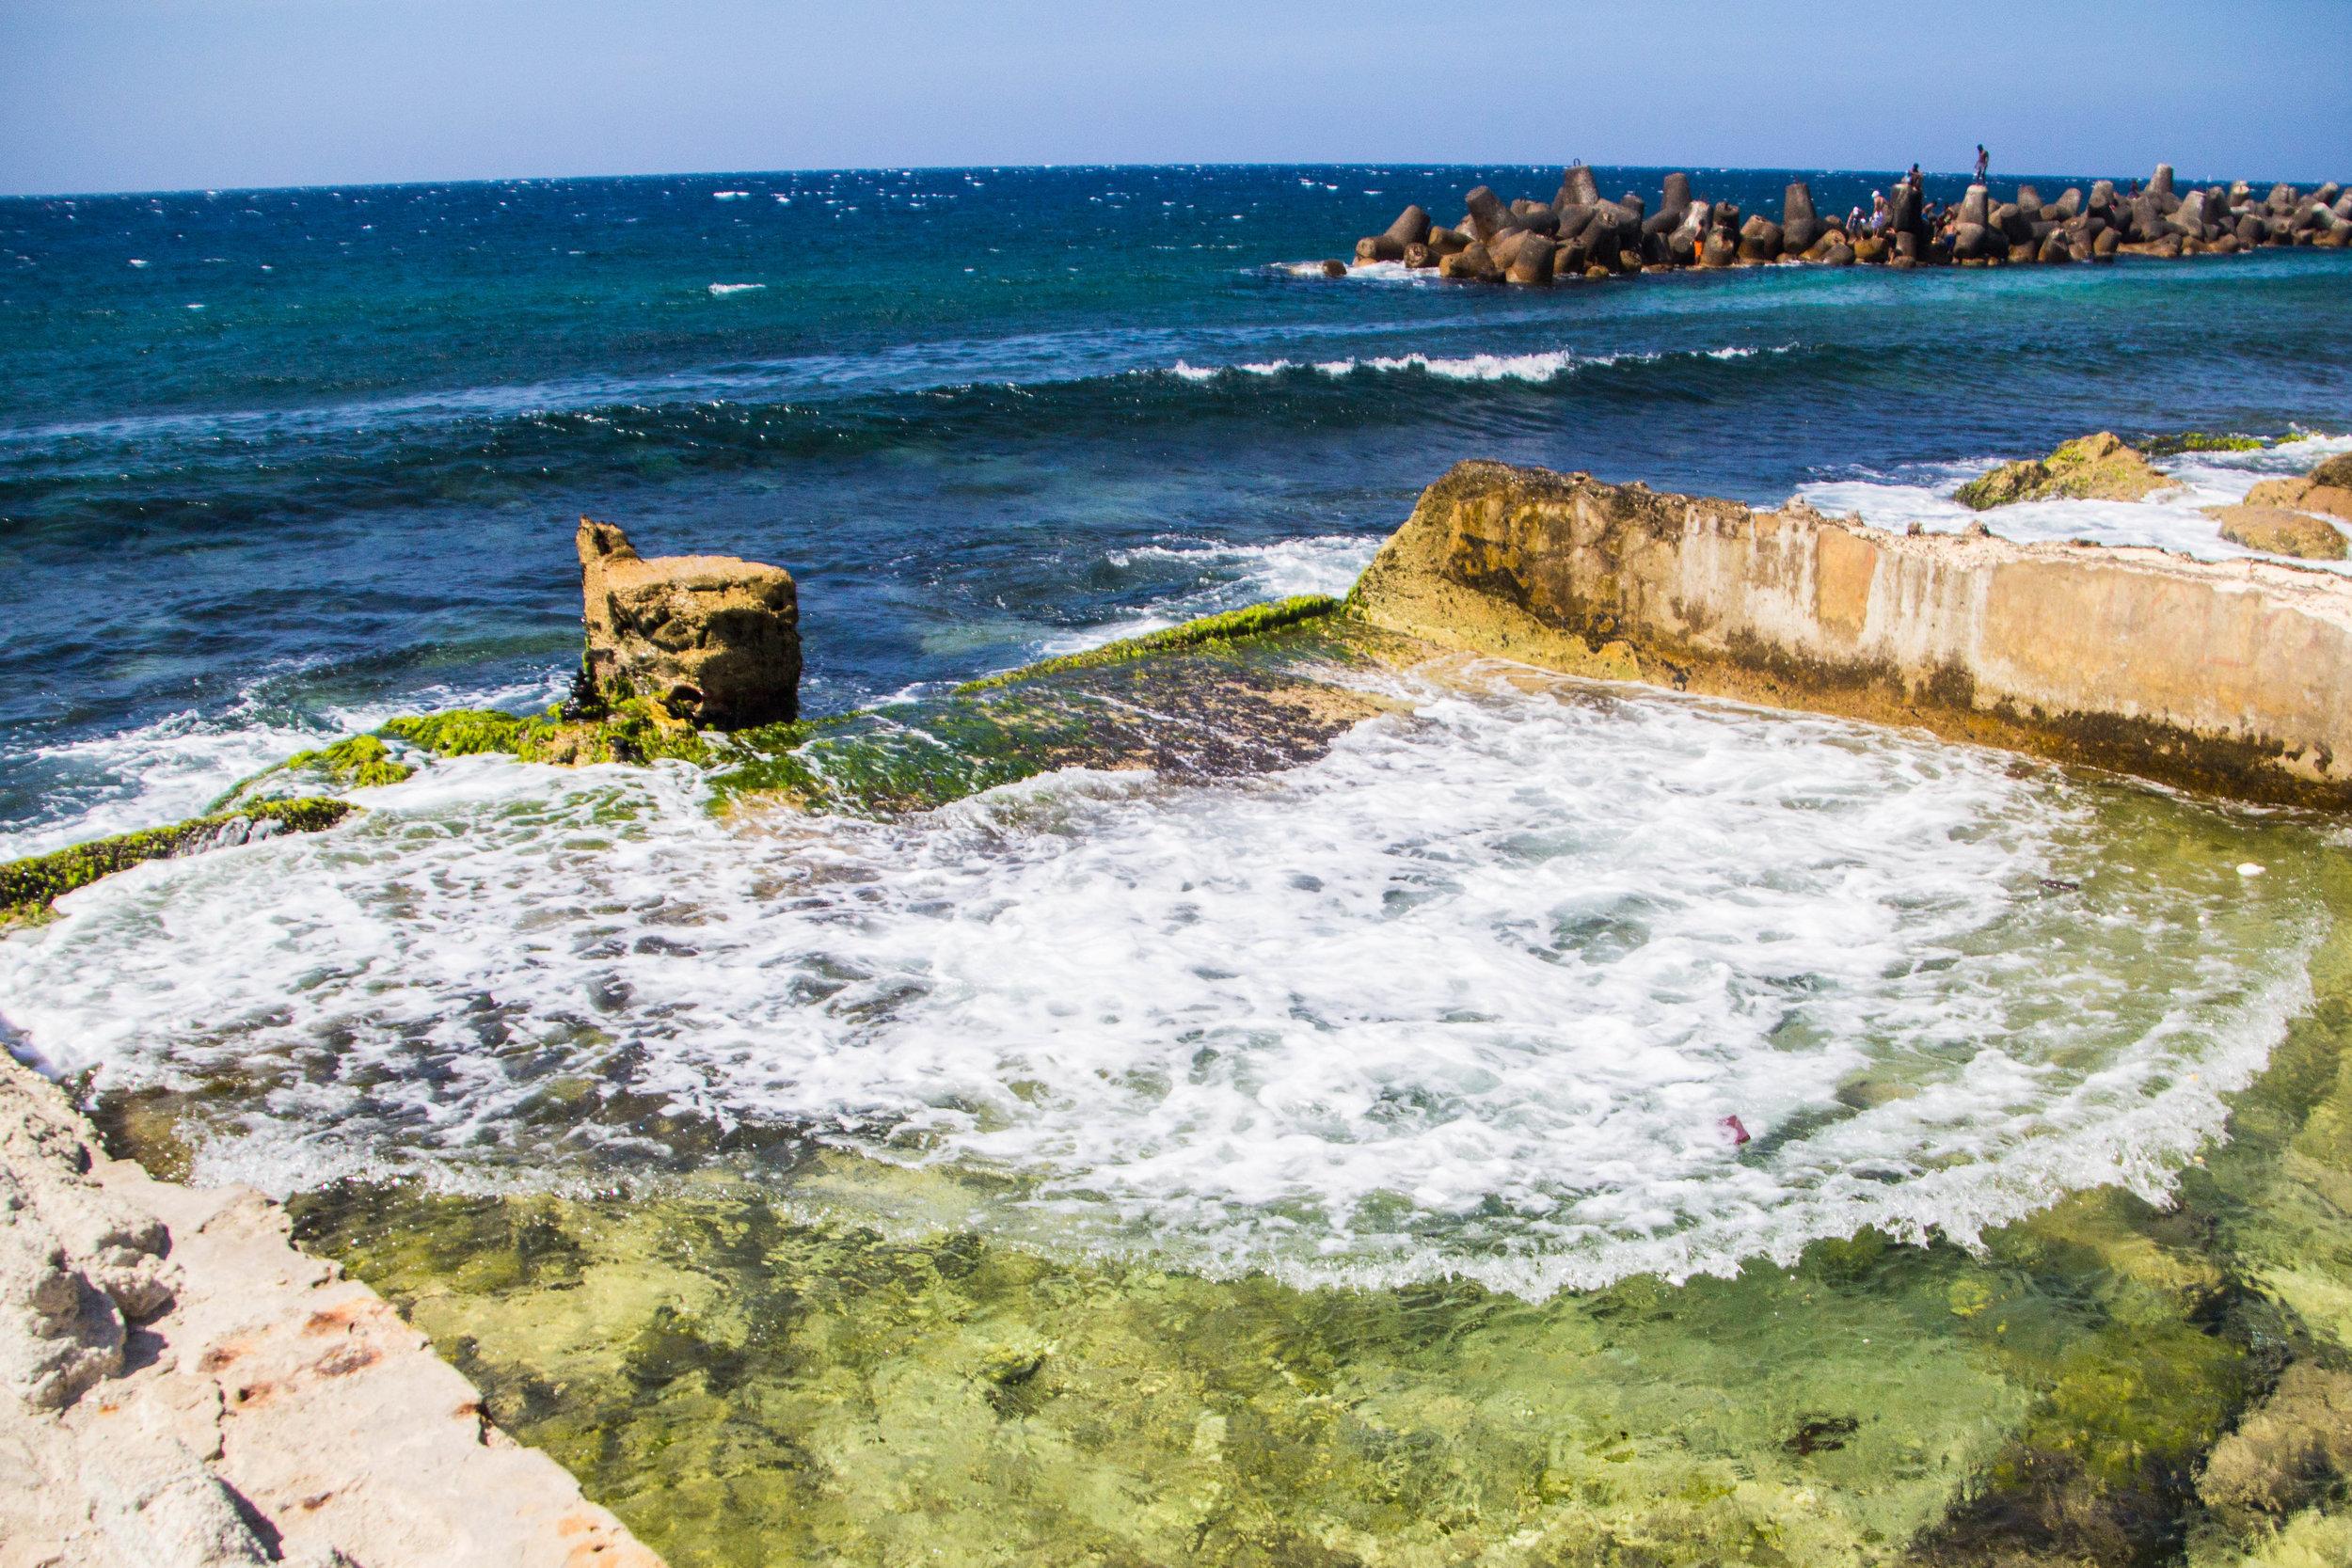 urban beach miramar havana cuba-1-5-3.jpg